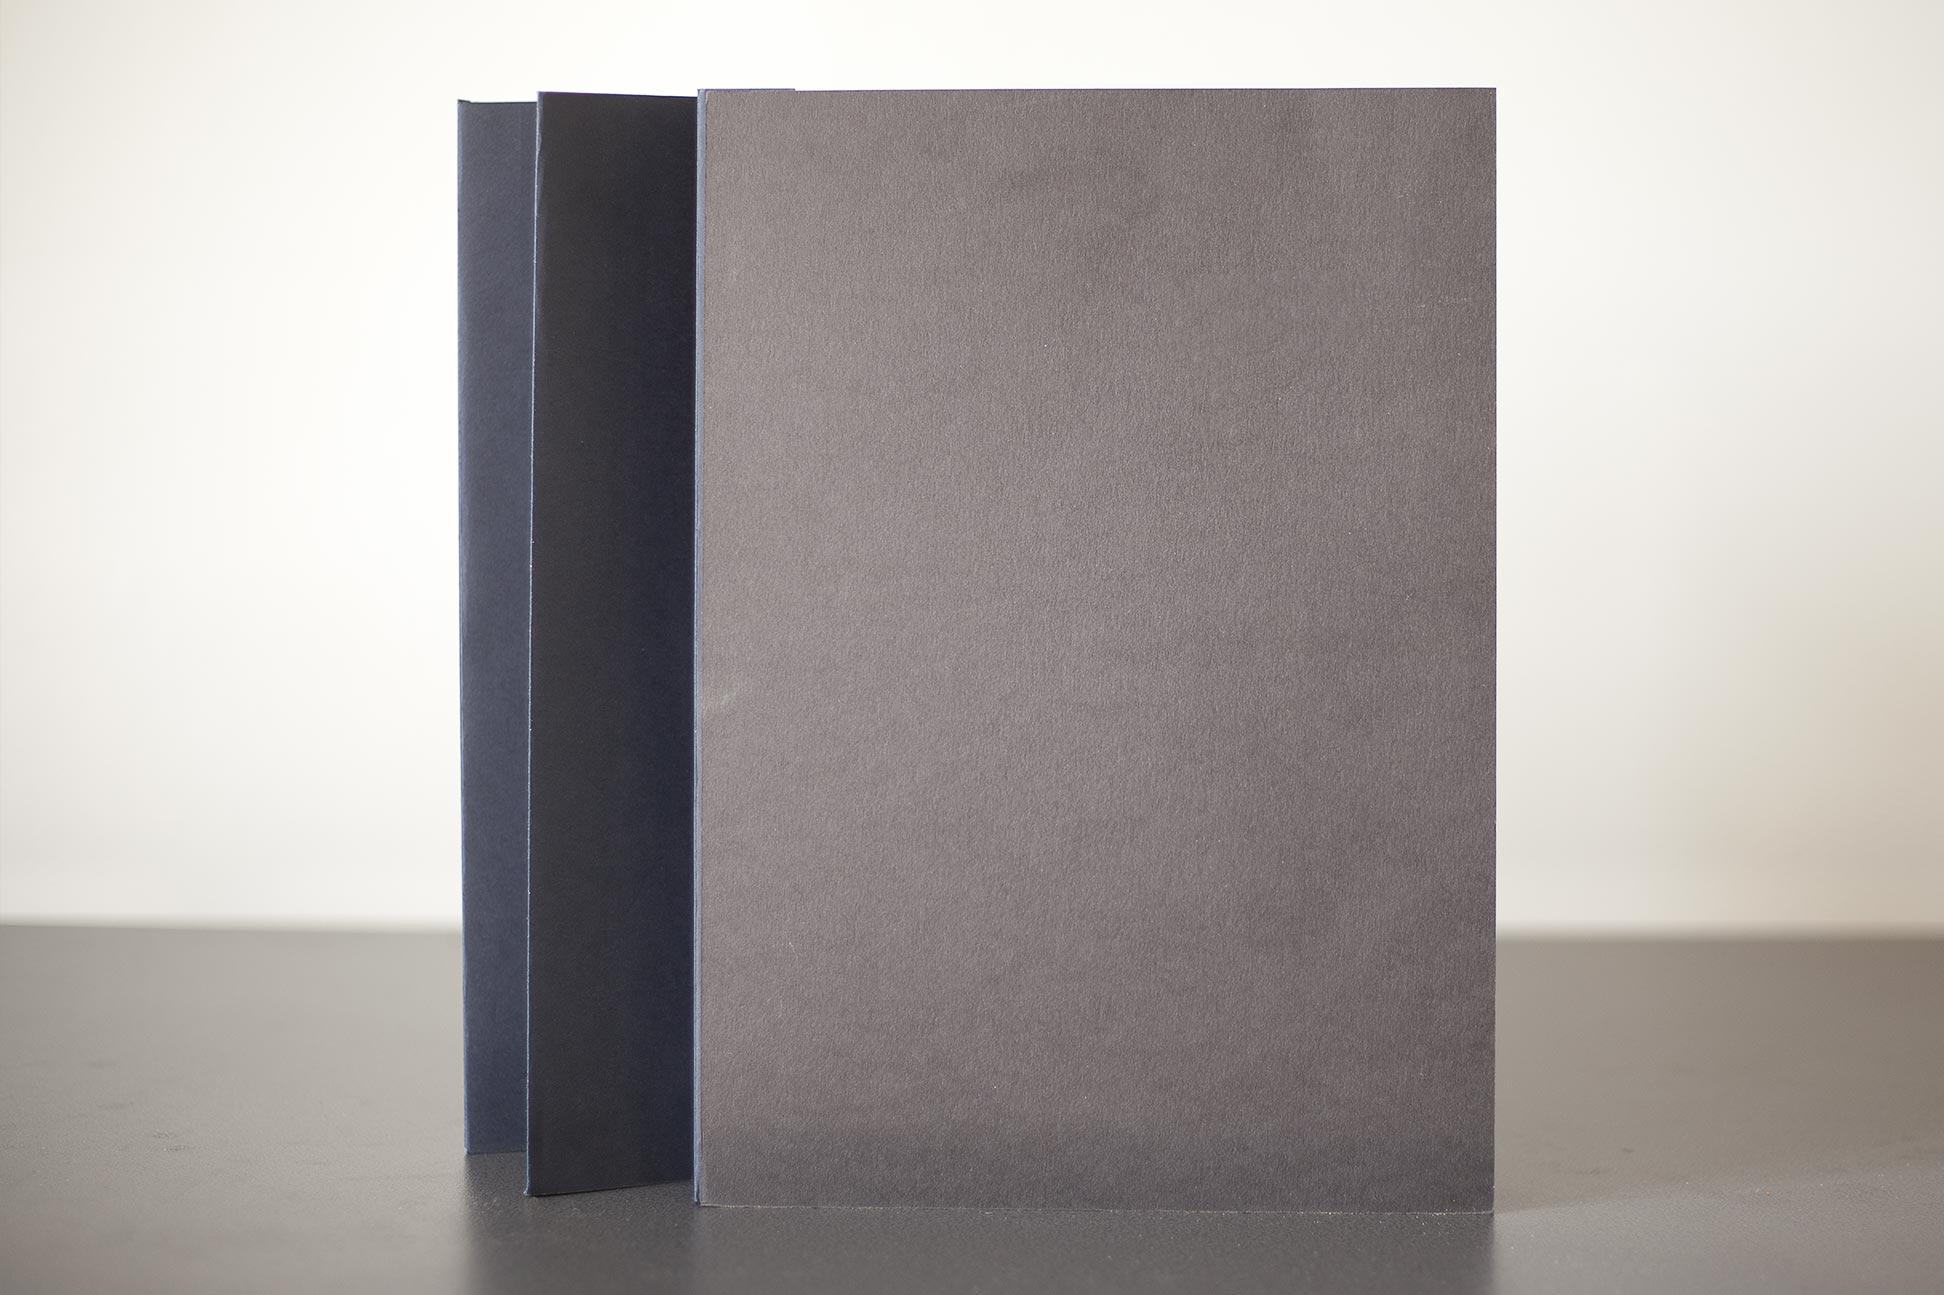 msdm-studio-sexndatabase-book-01